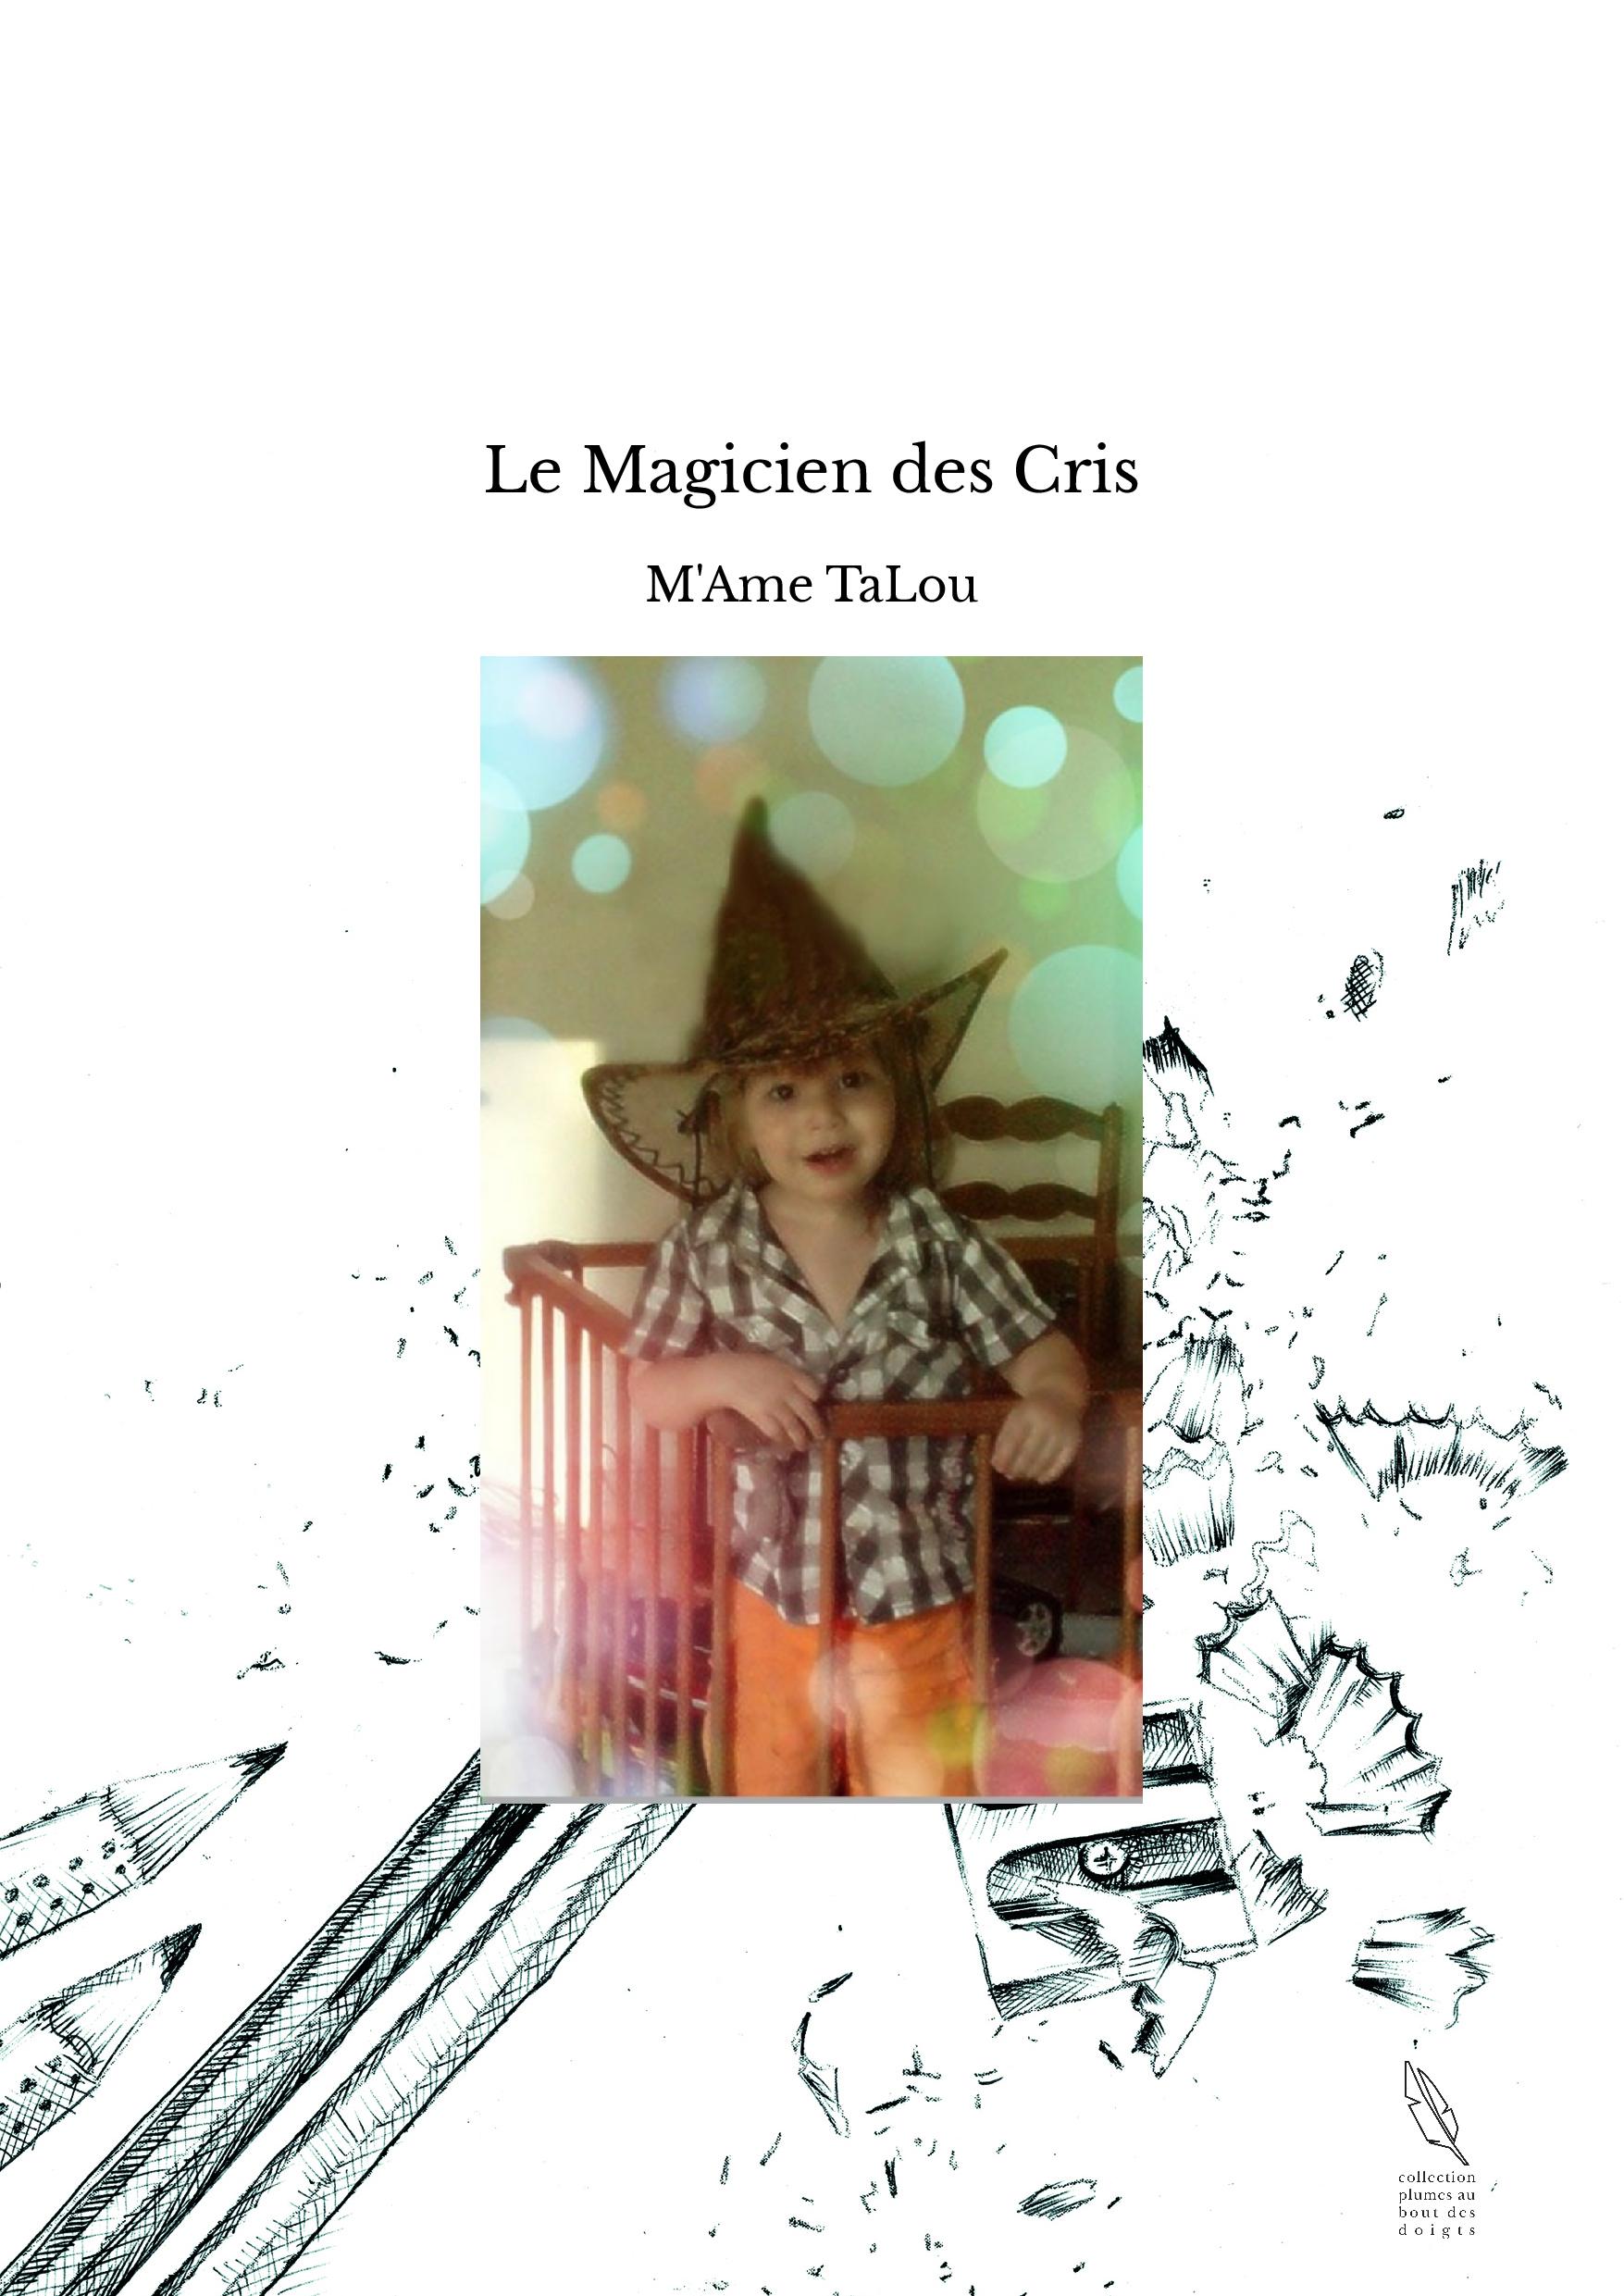 Le Magicien des Cris